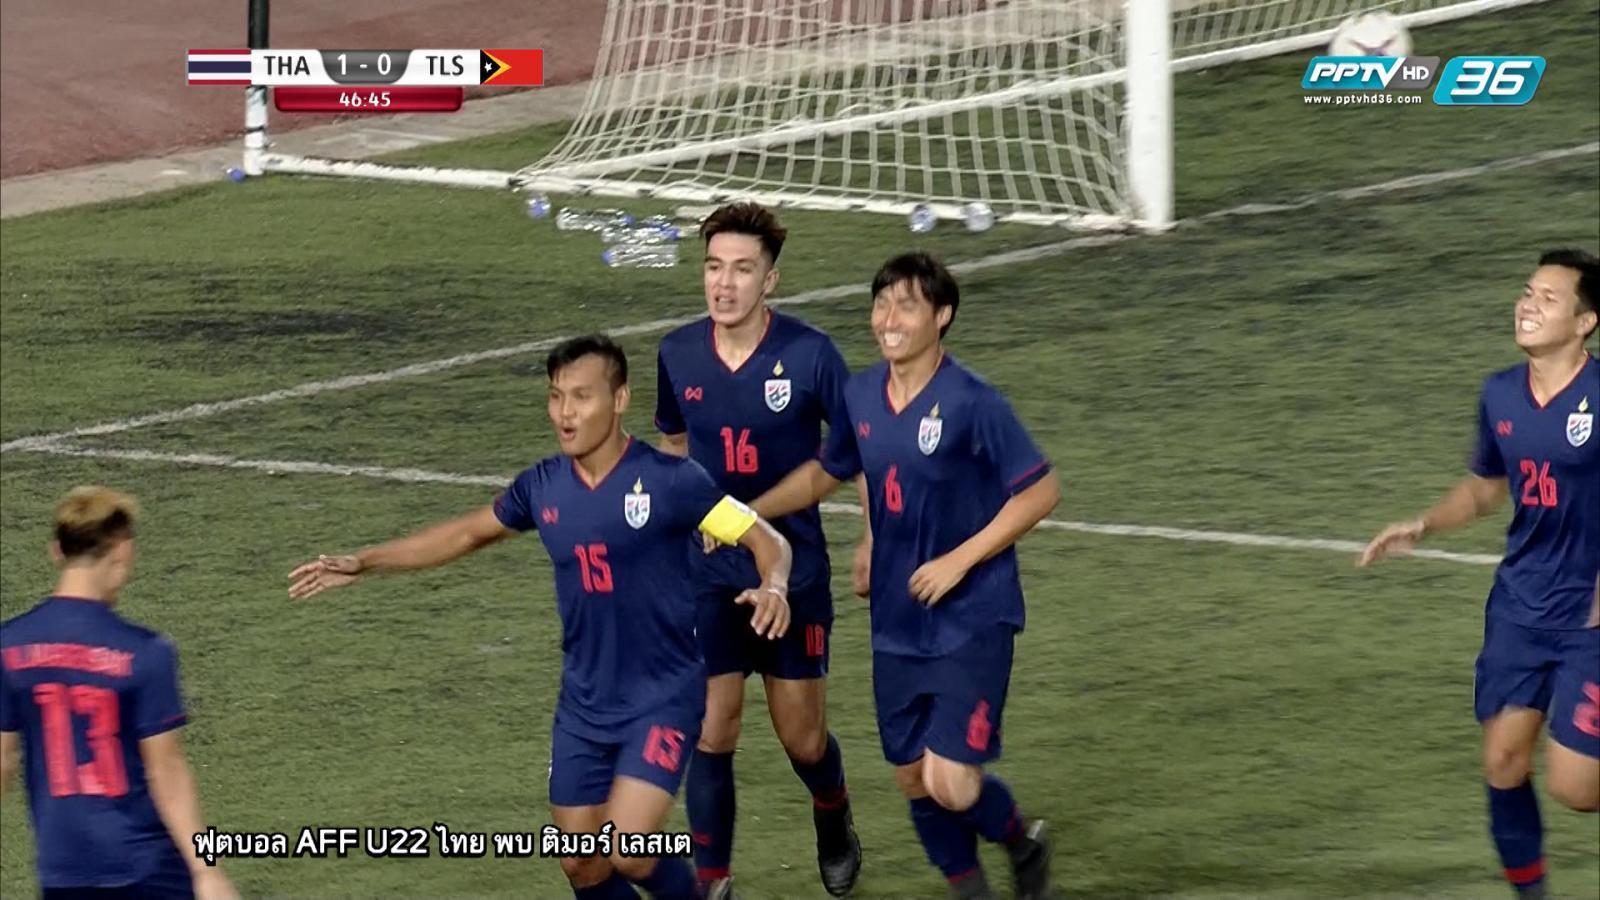 ศฤงคาร โขกประตูชัย ทีมชาติไทย เอาชนะ ทีมชาติติมอร์-เลสเต 1-0